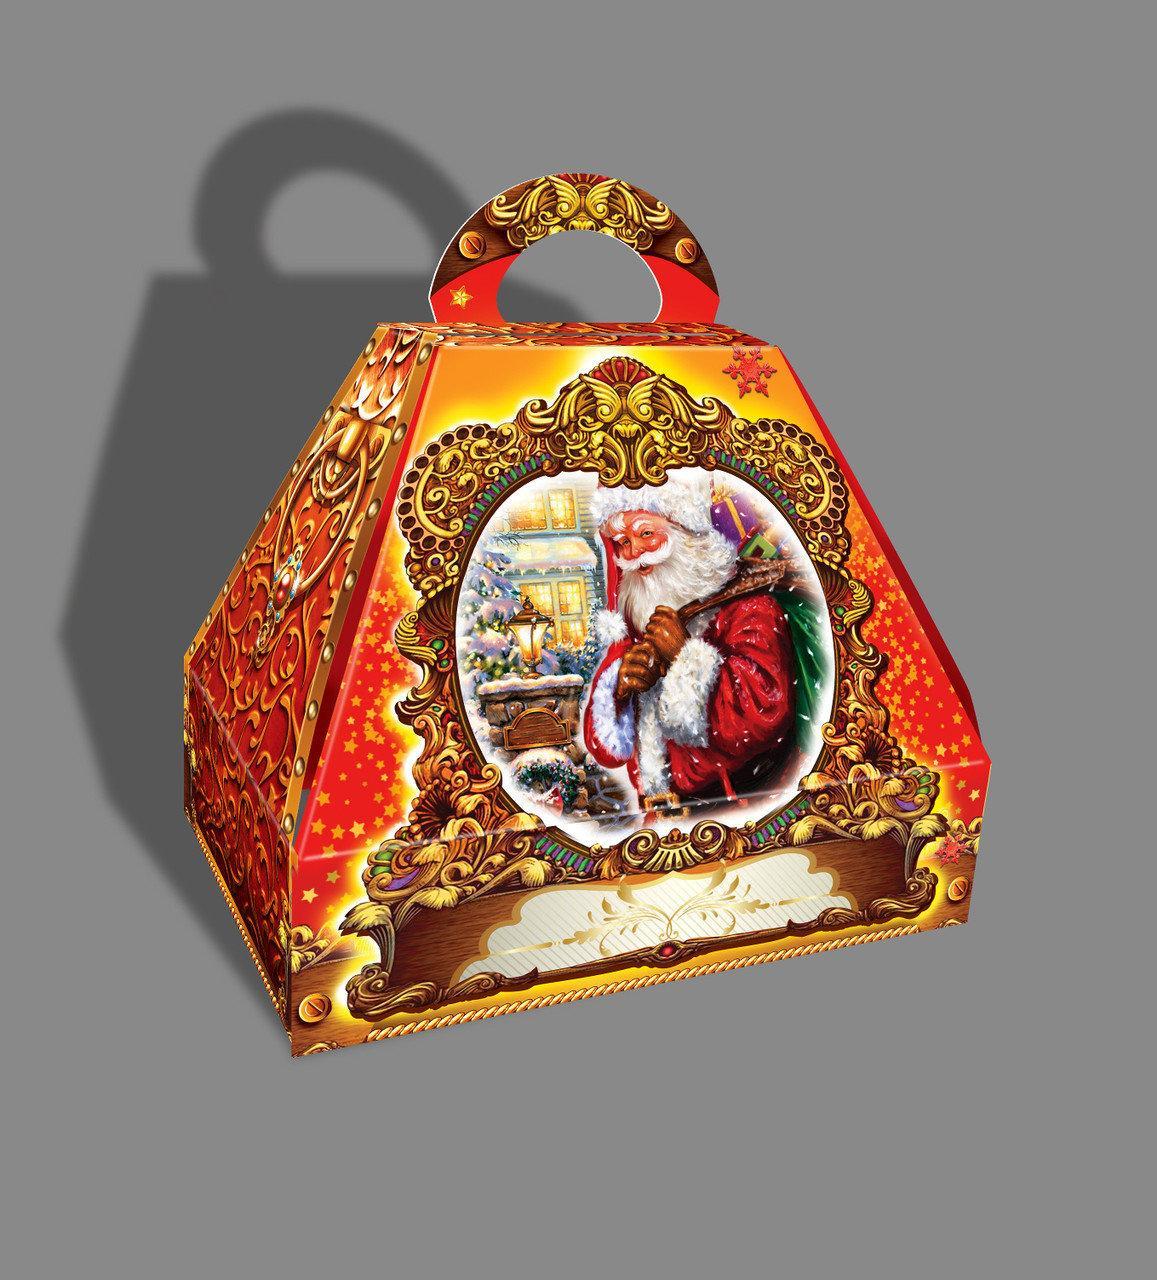 Упаковка новогодняя из картона Саквояж Санта Клаус мелким оптом, на вес до 1500г